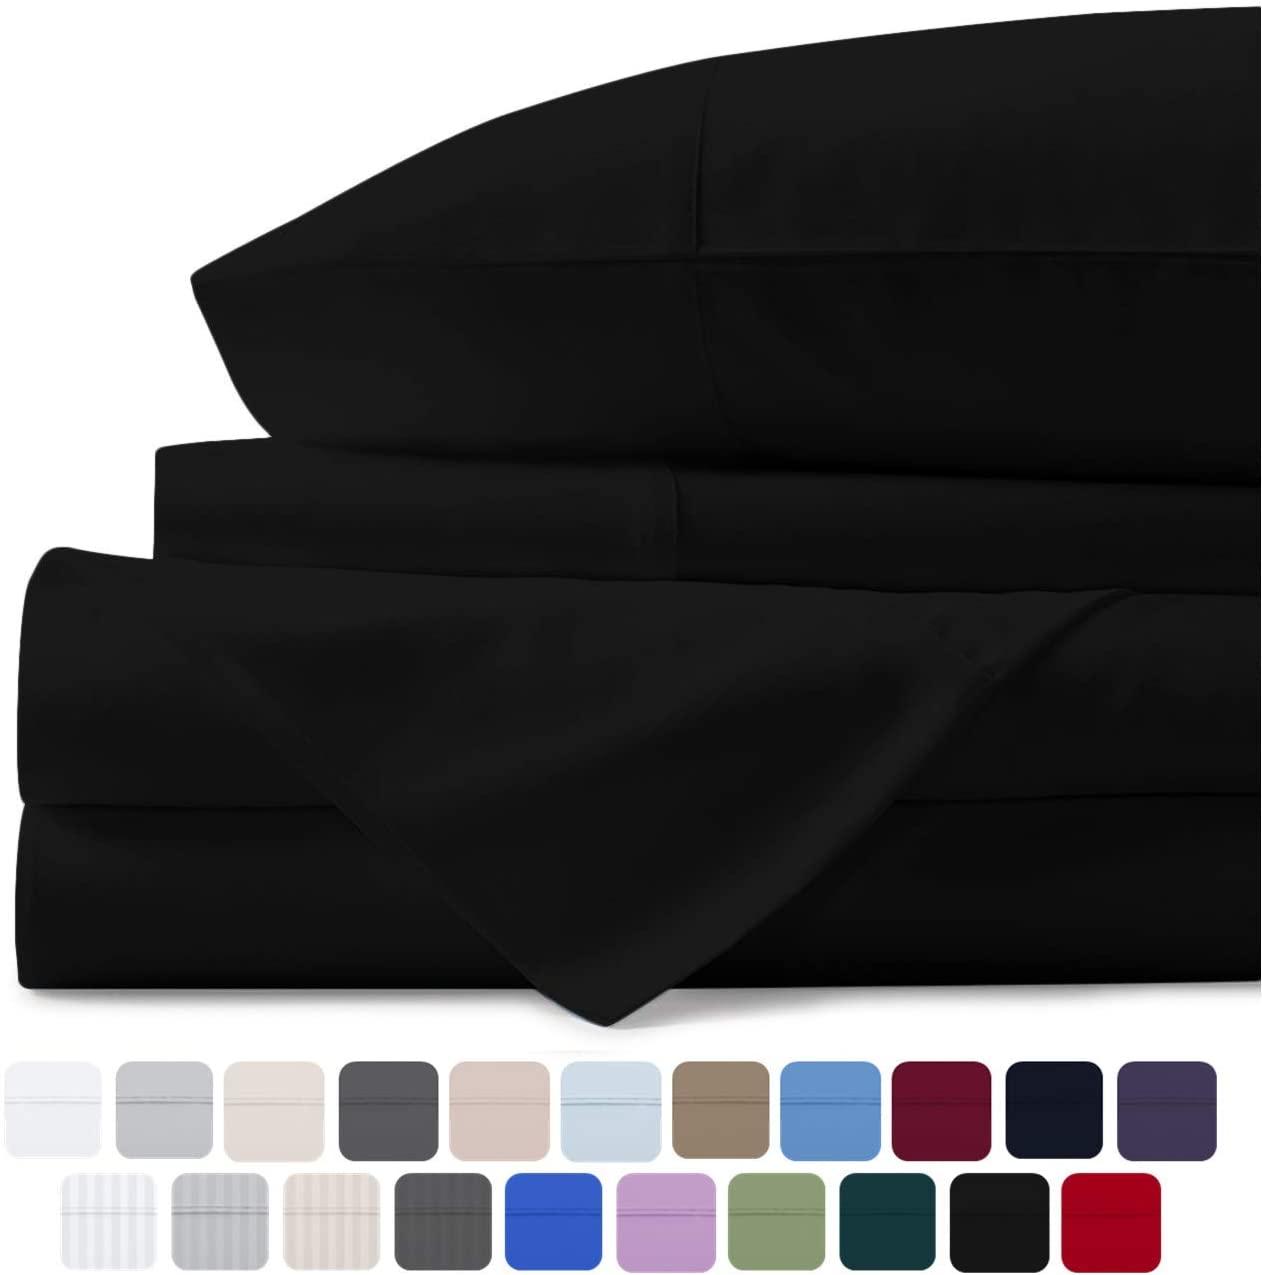 Mayfair Linen 100% Egyptian Cotton Sheets, Black Queen Sheet